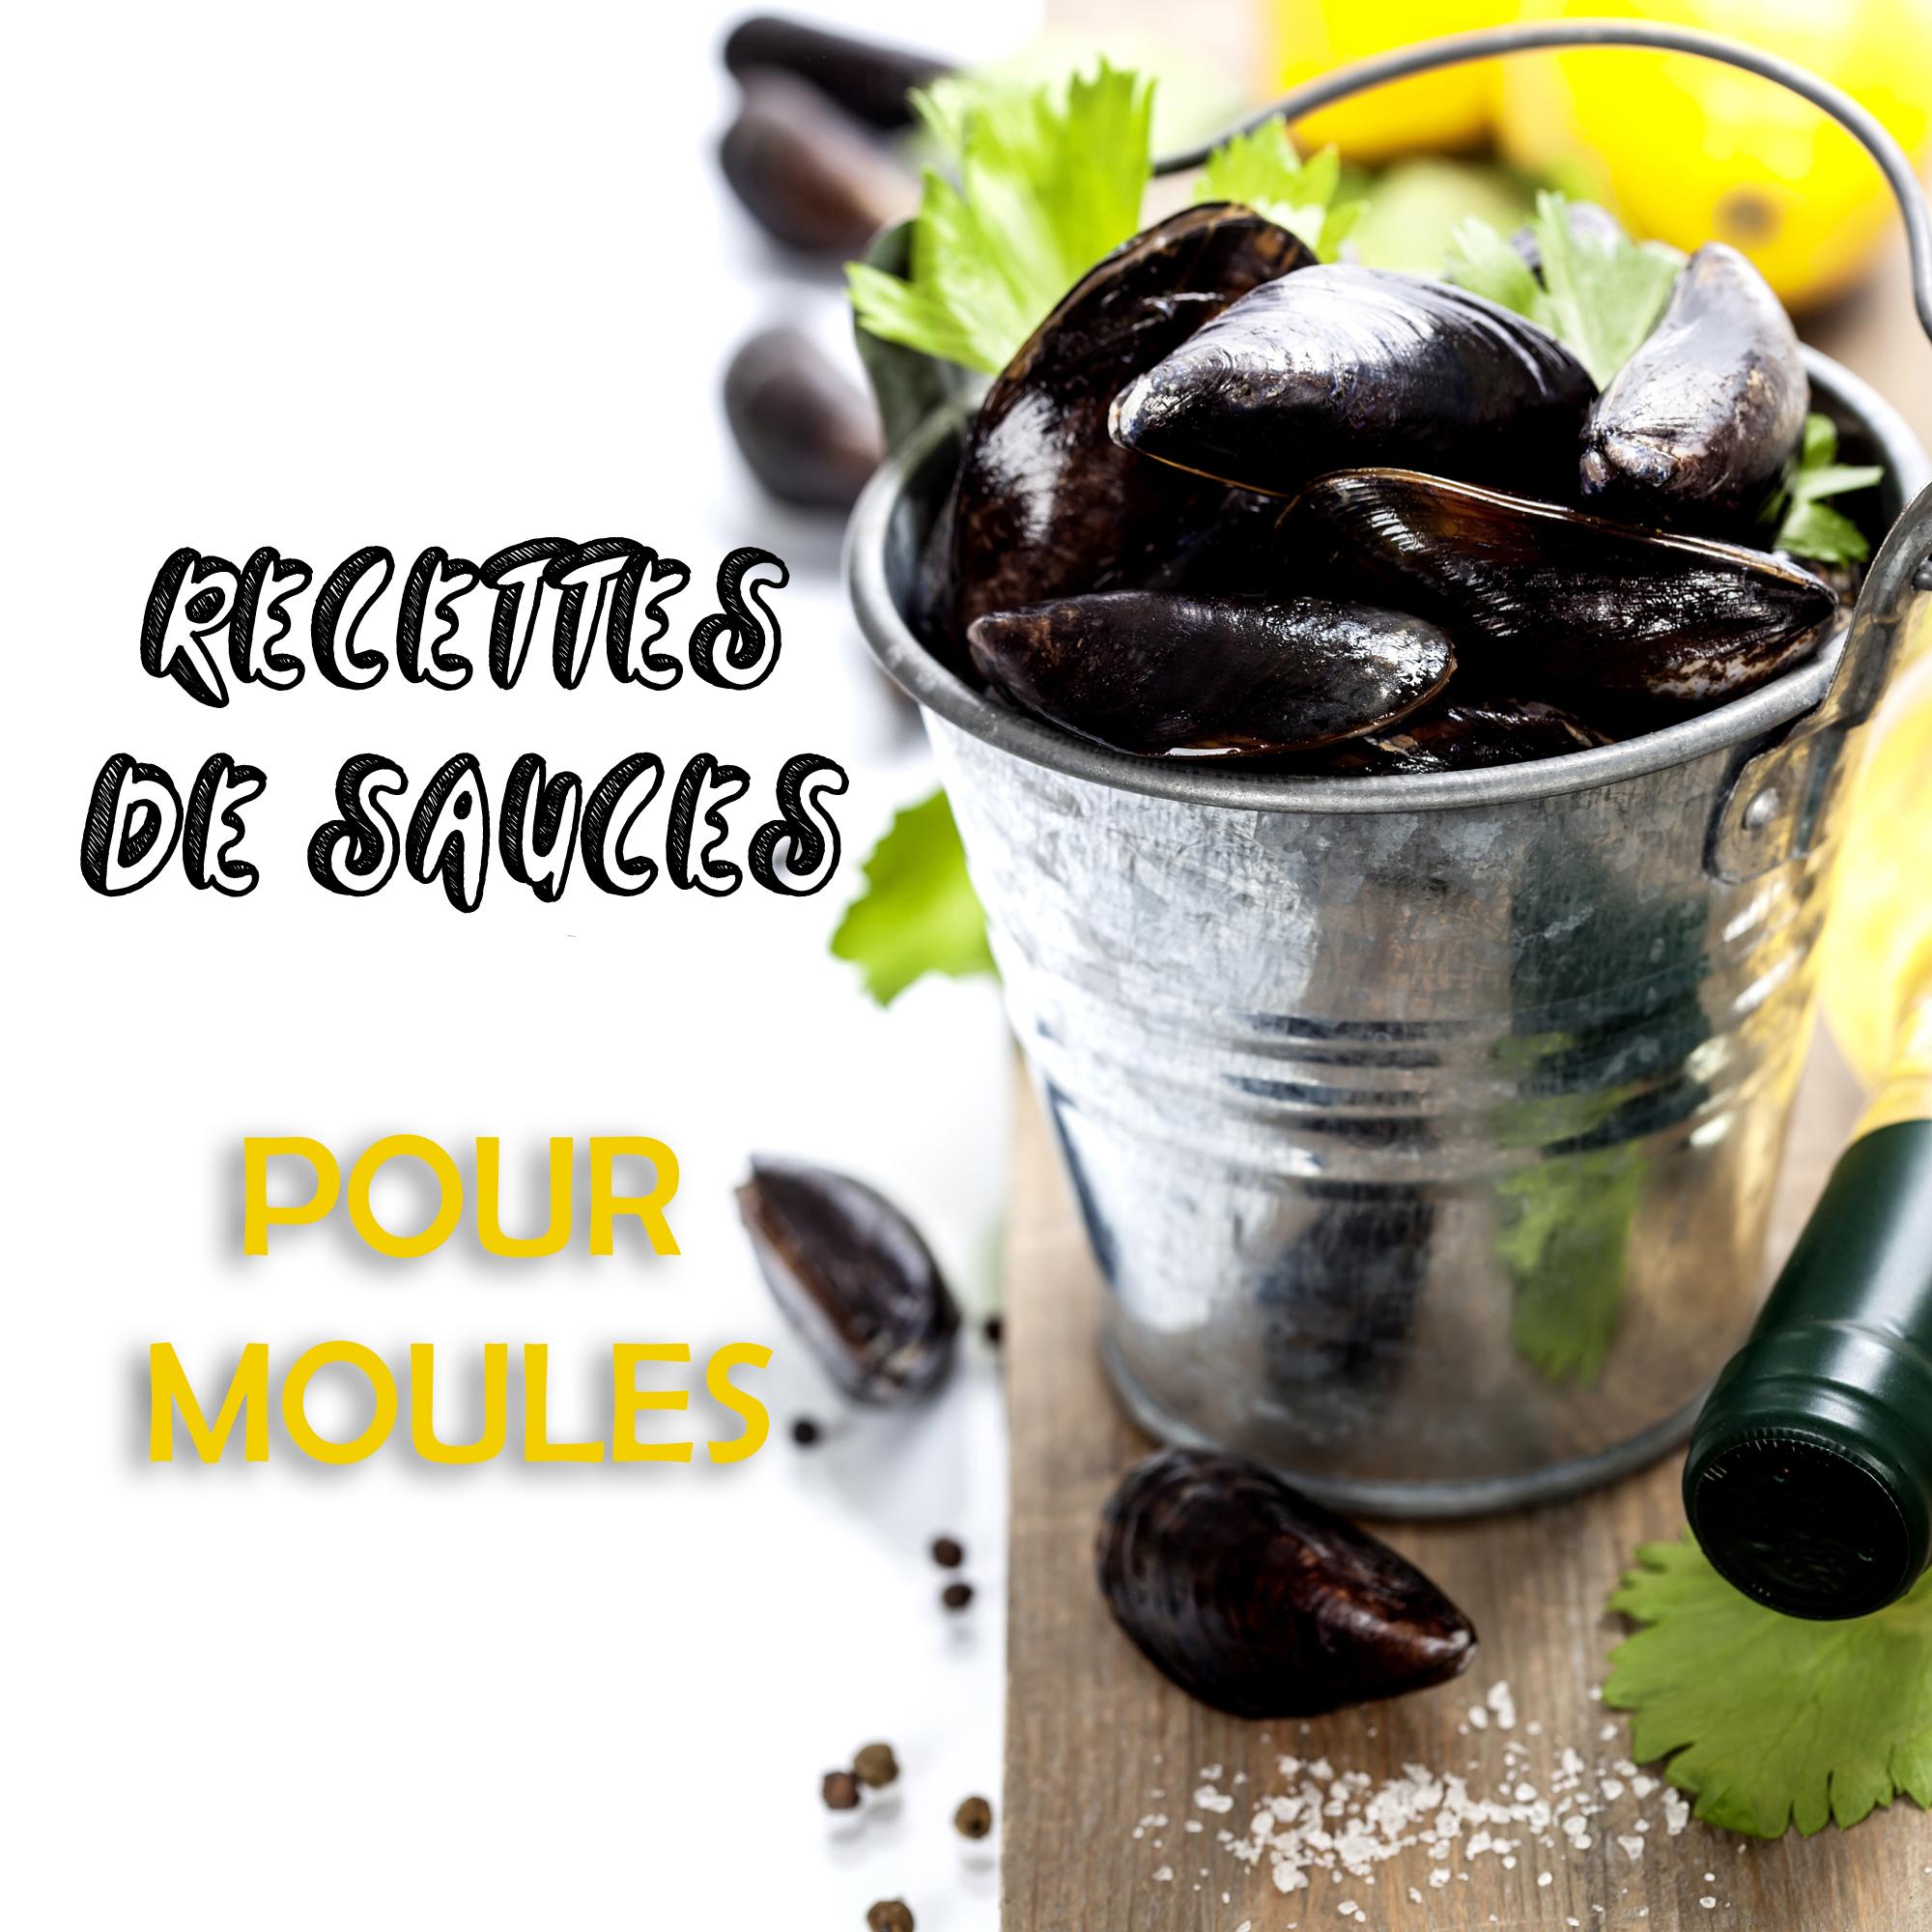 RECETTE DE MOULES